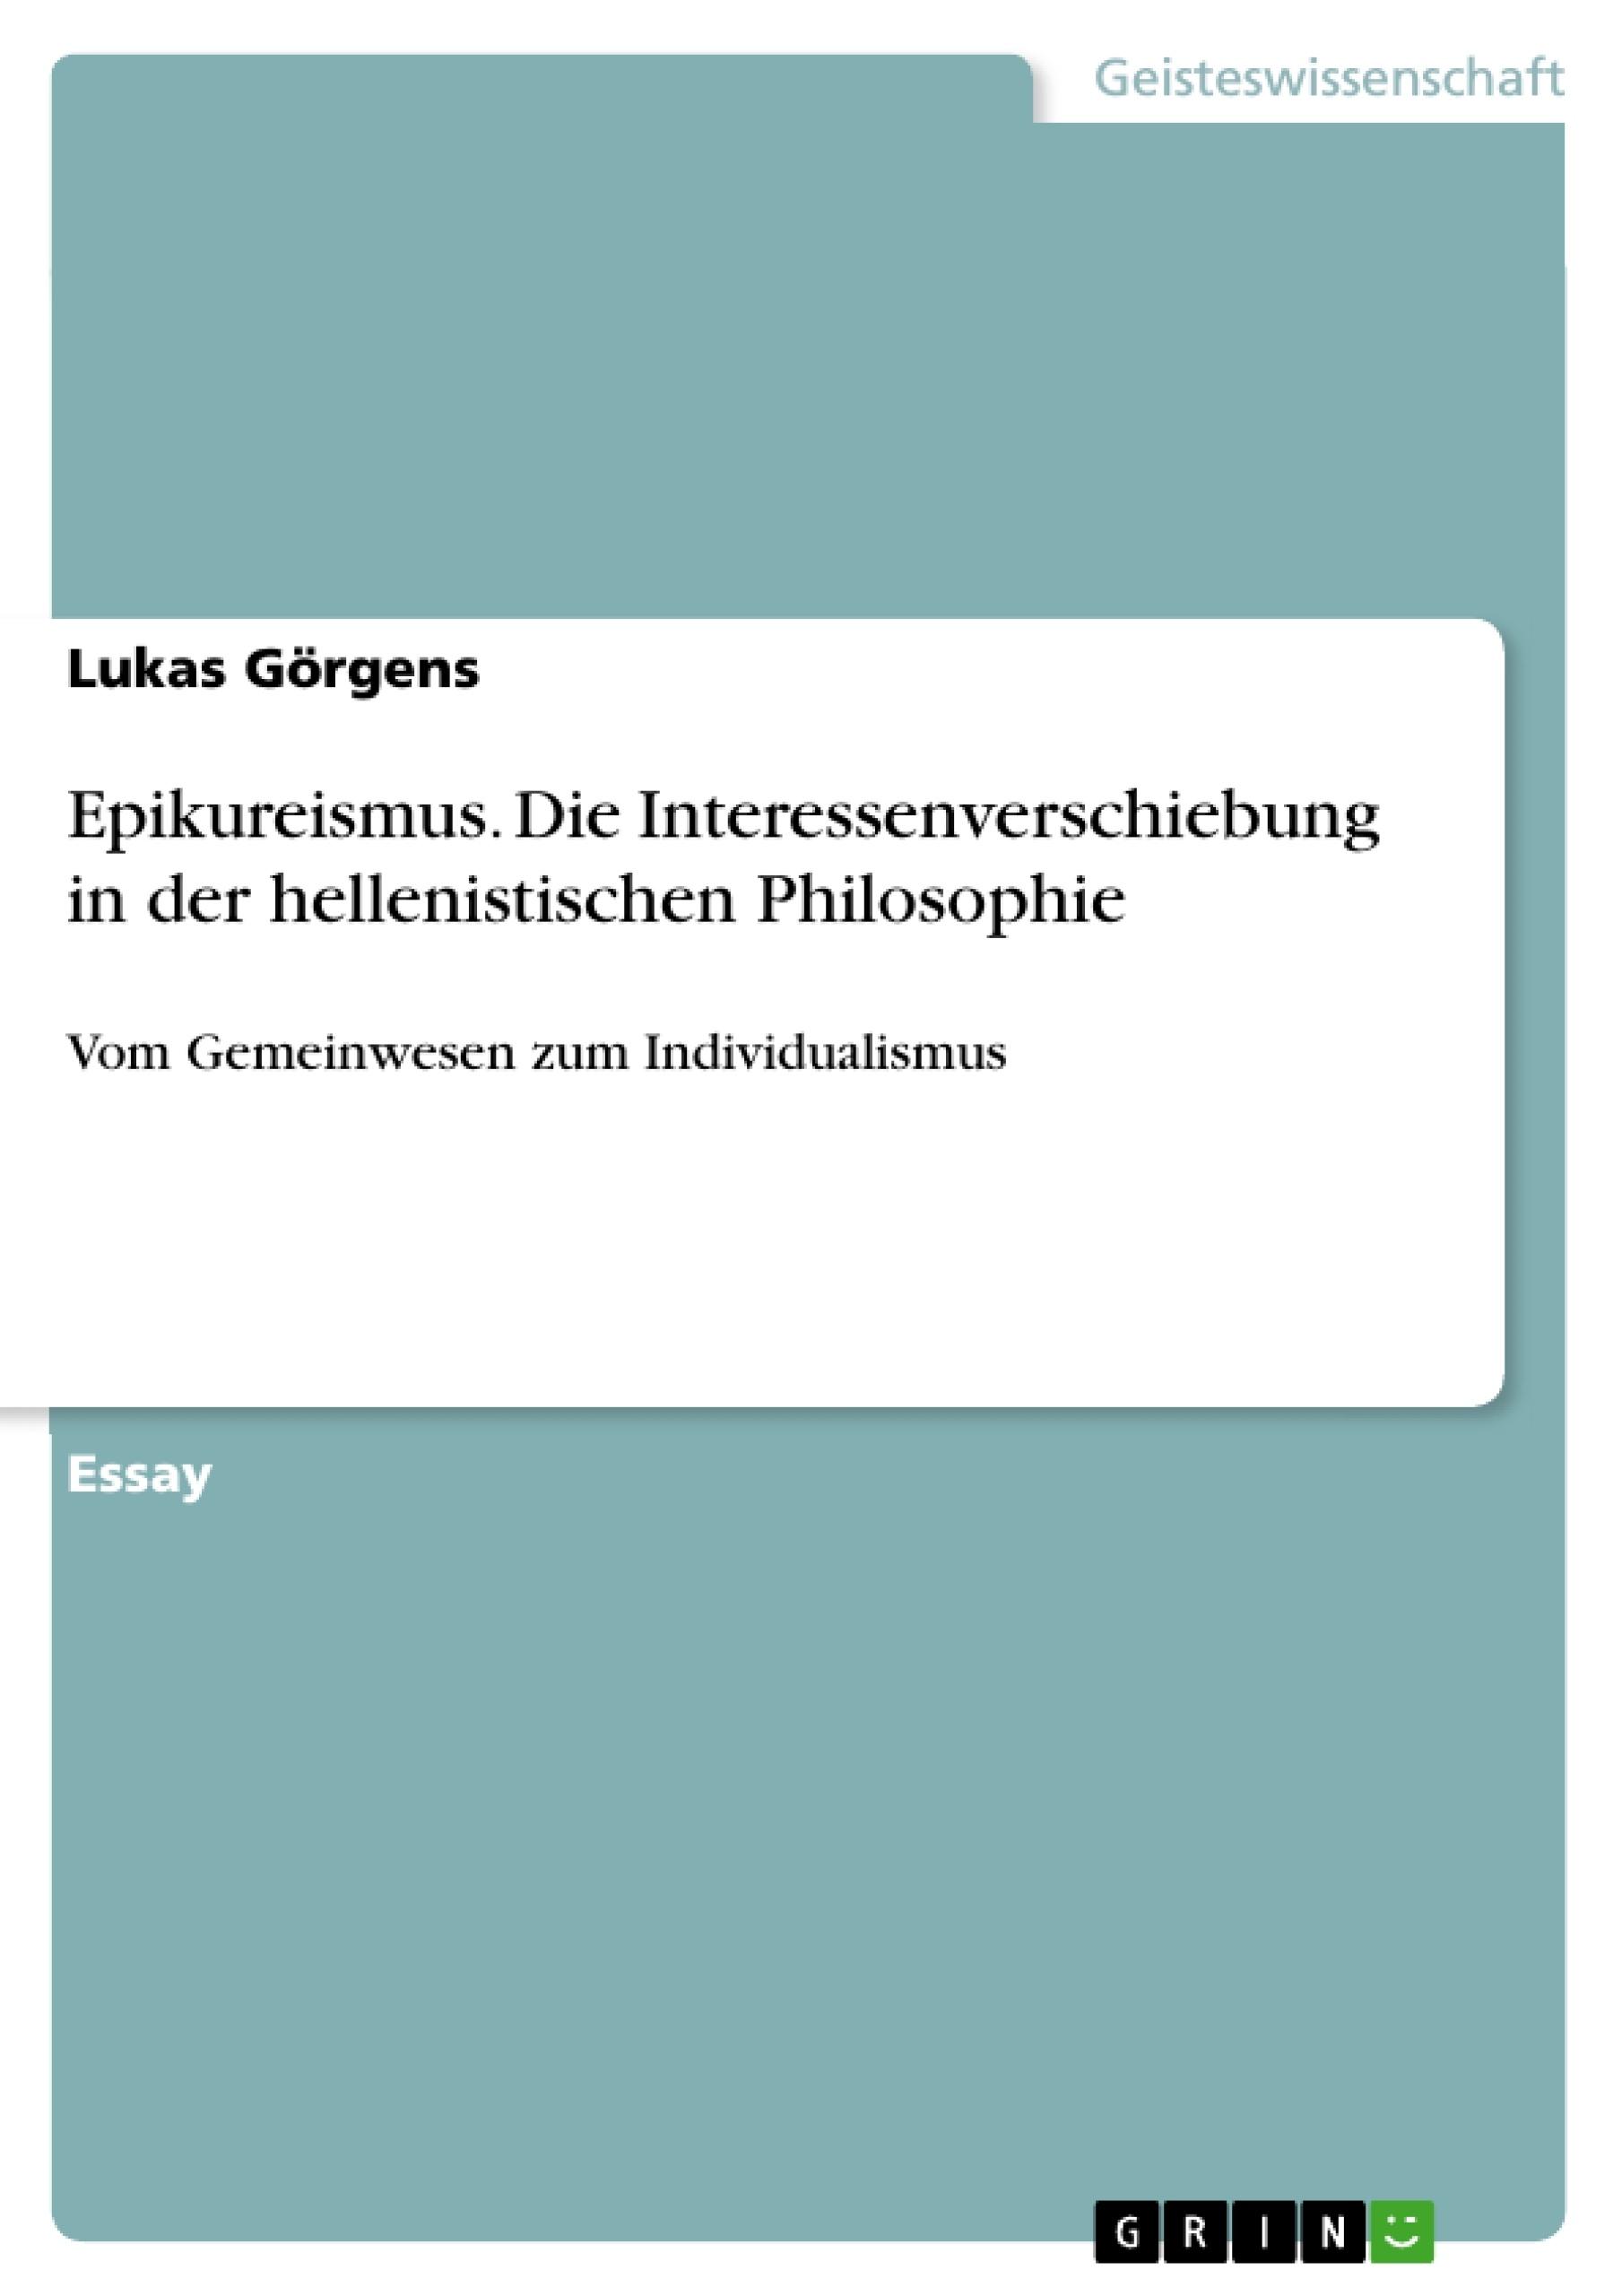 Titel: Epikureismus. Die Interessenverschiebung in der hellenistischen Philosophie